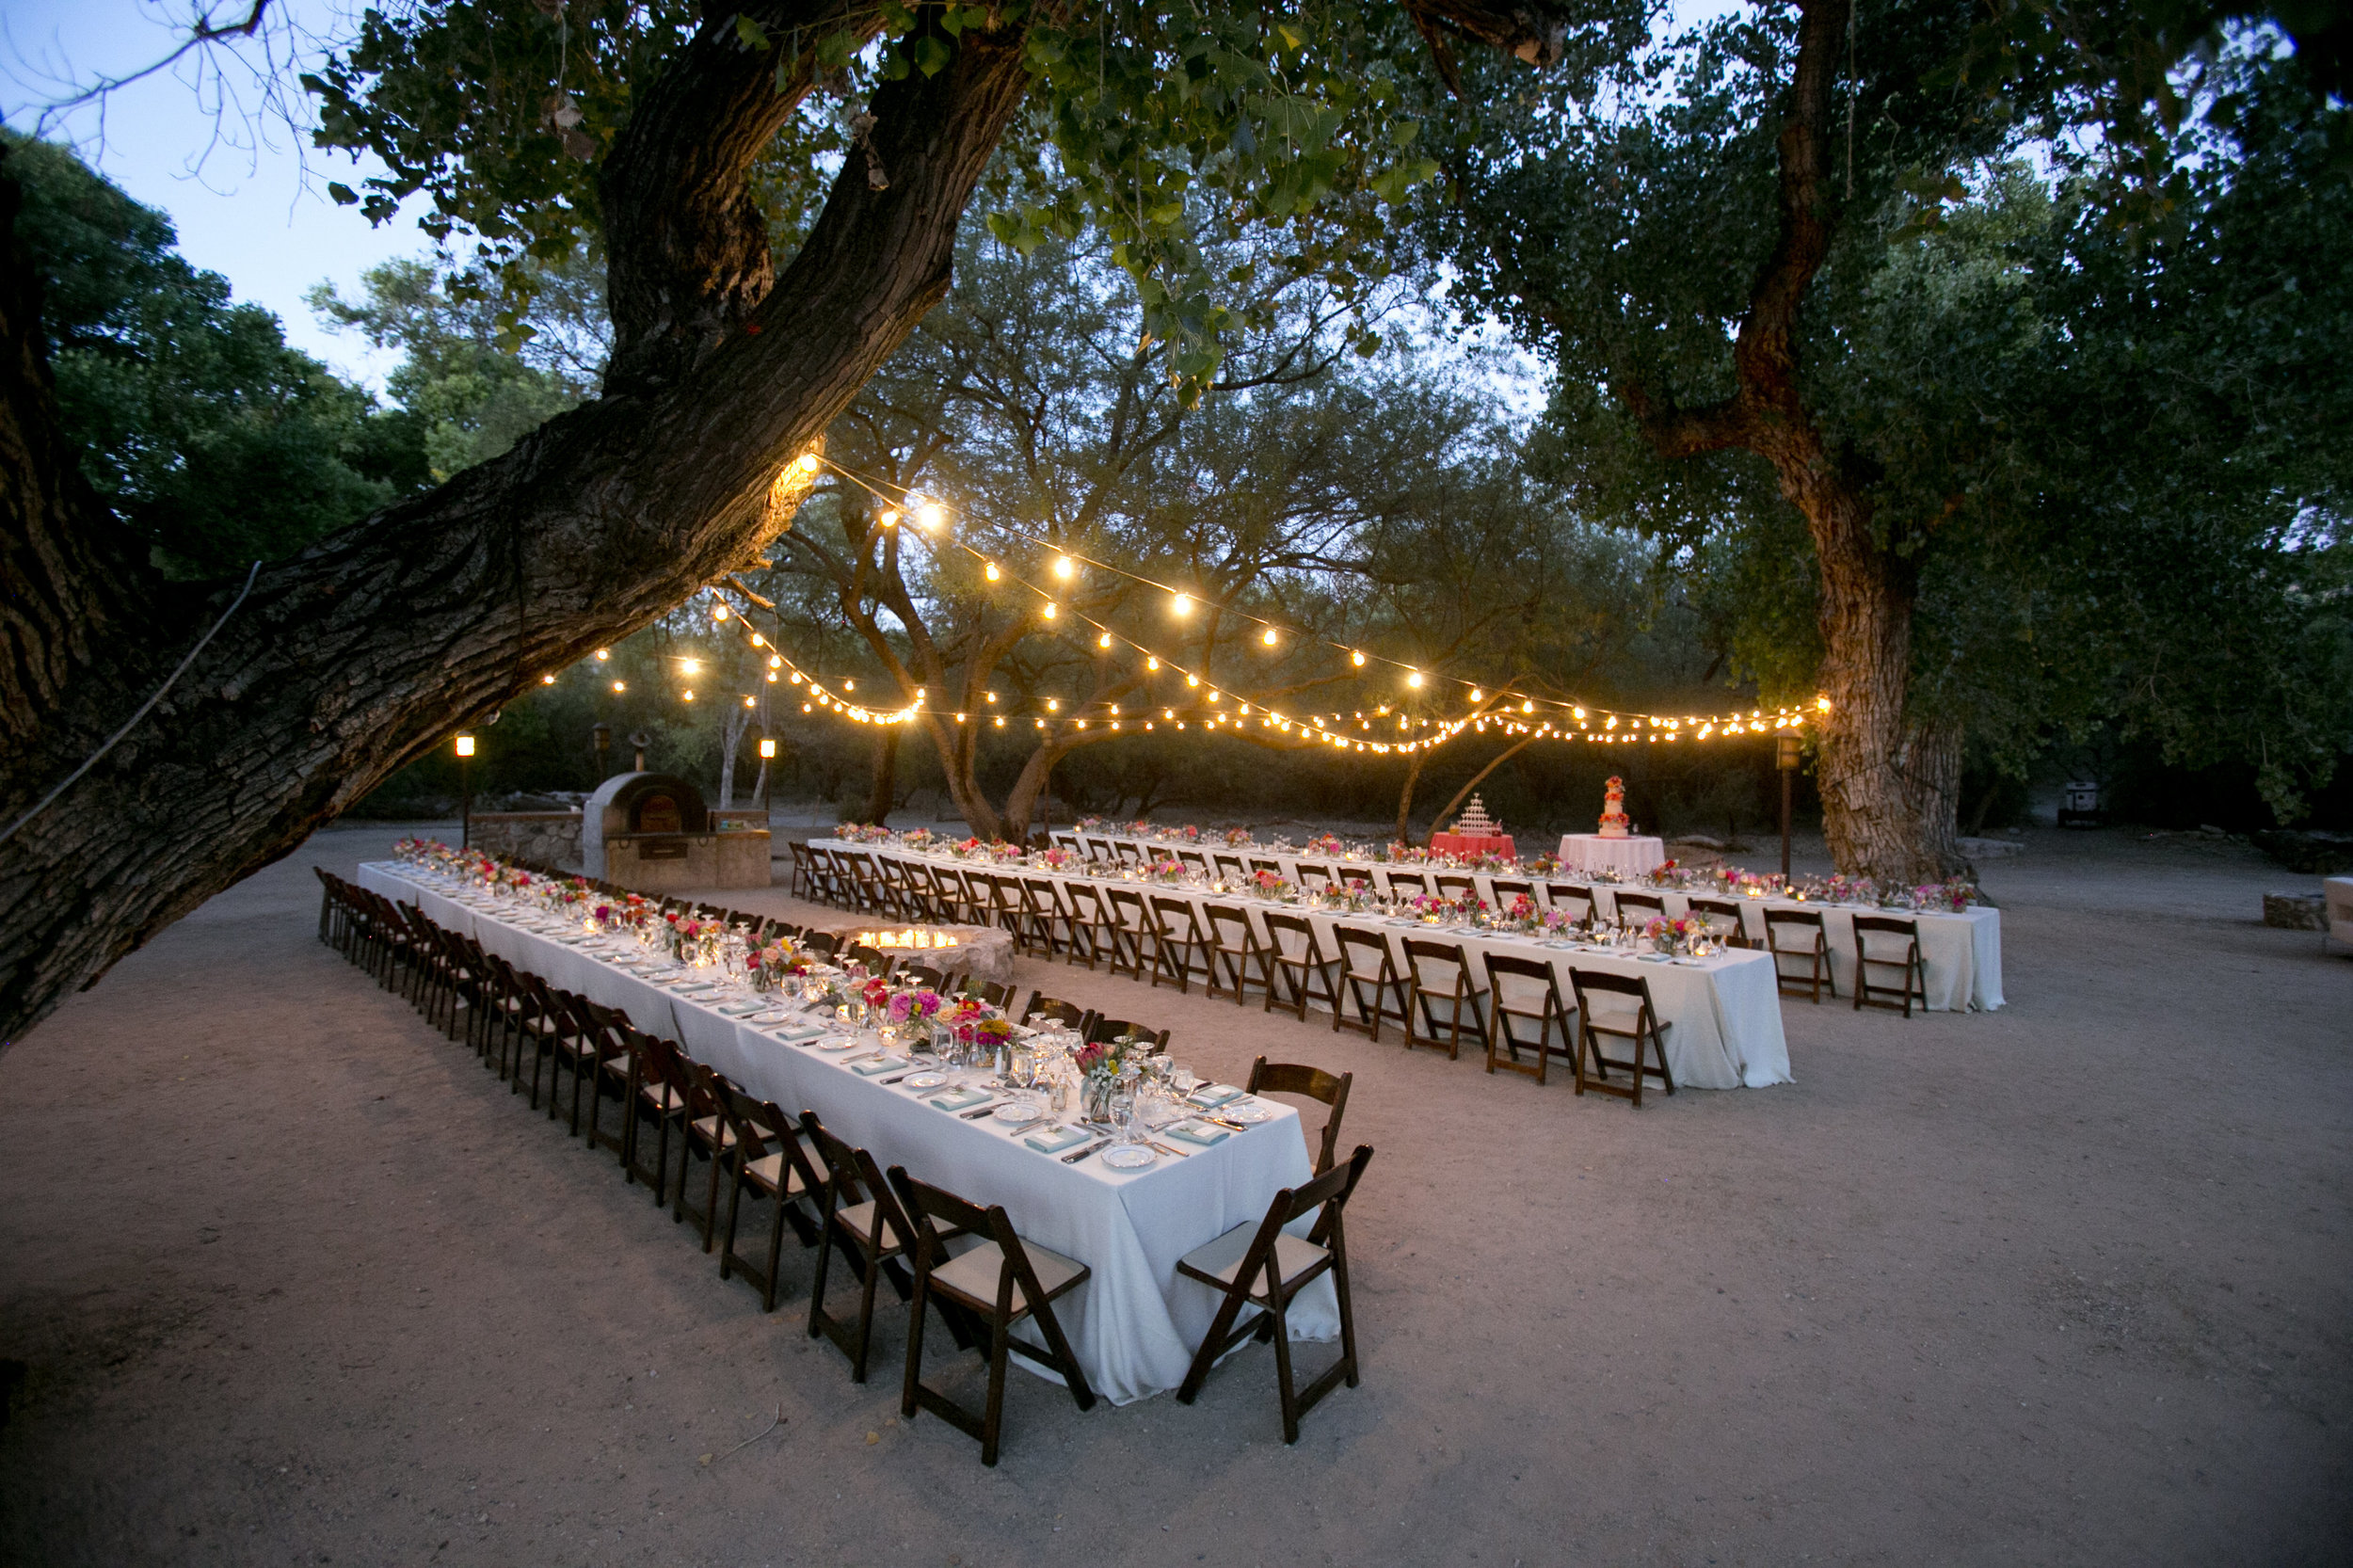 Ceci_New_York_Ceci_Style_Ceci_Johnson_Luxury_Lifestyle_Arizona_Wedding_Watercolor_Inspiration_Design_Custom_Couture_Personalized_Invitations_174.jpg